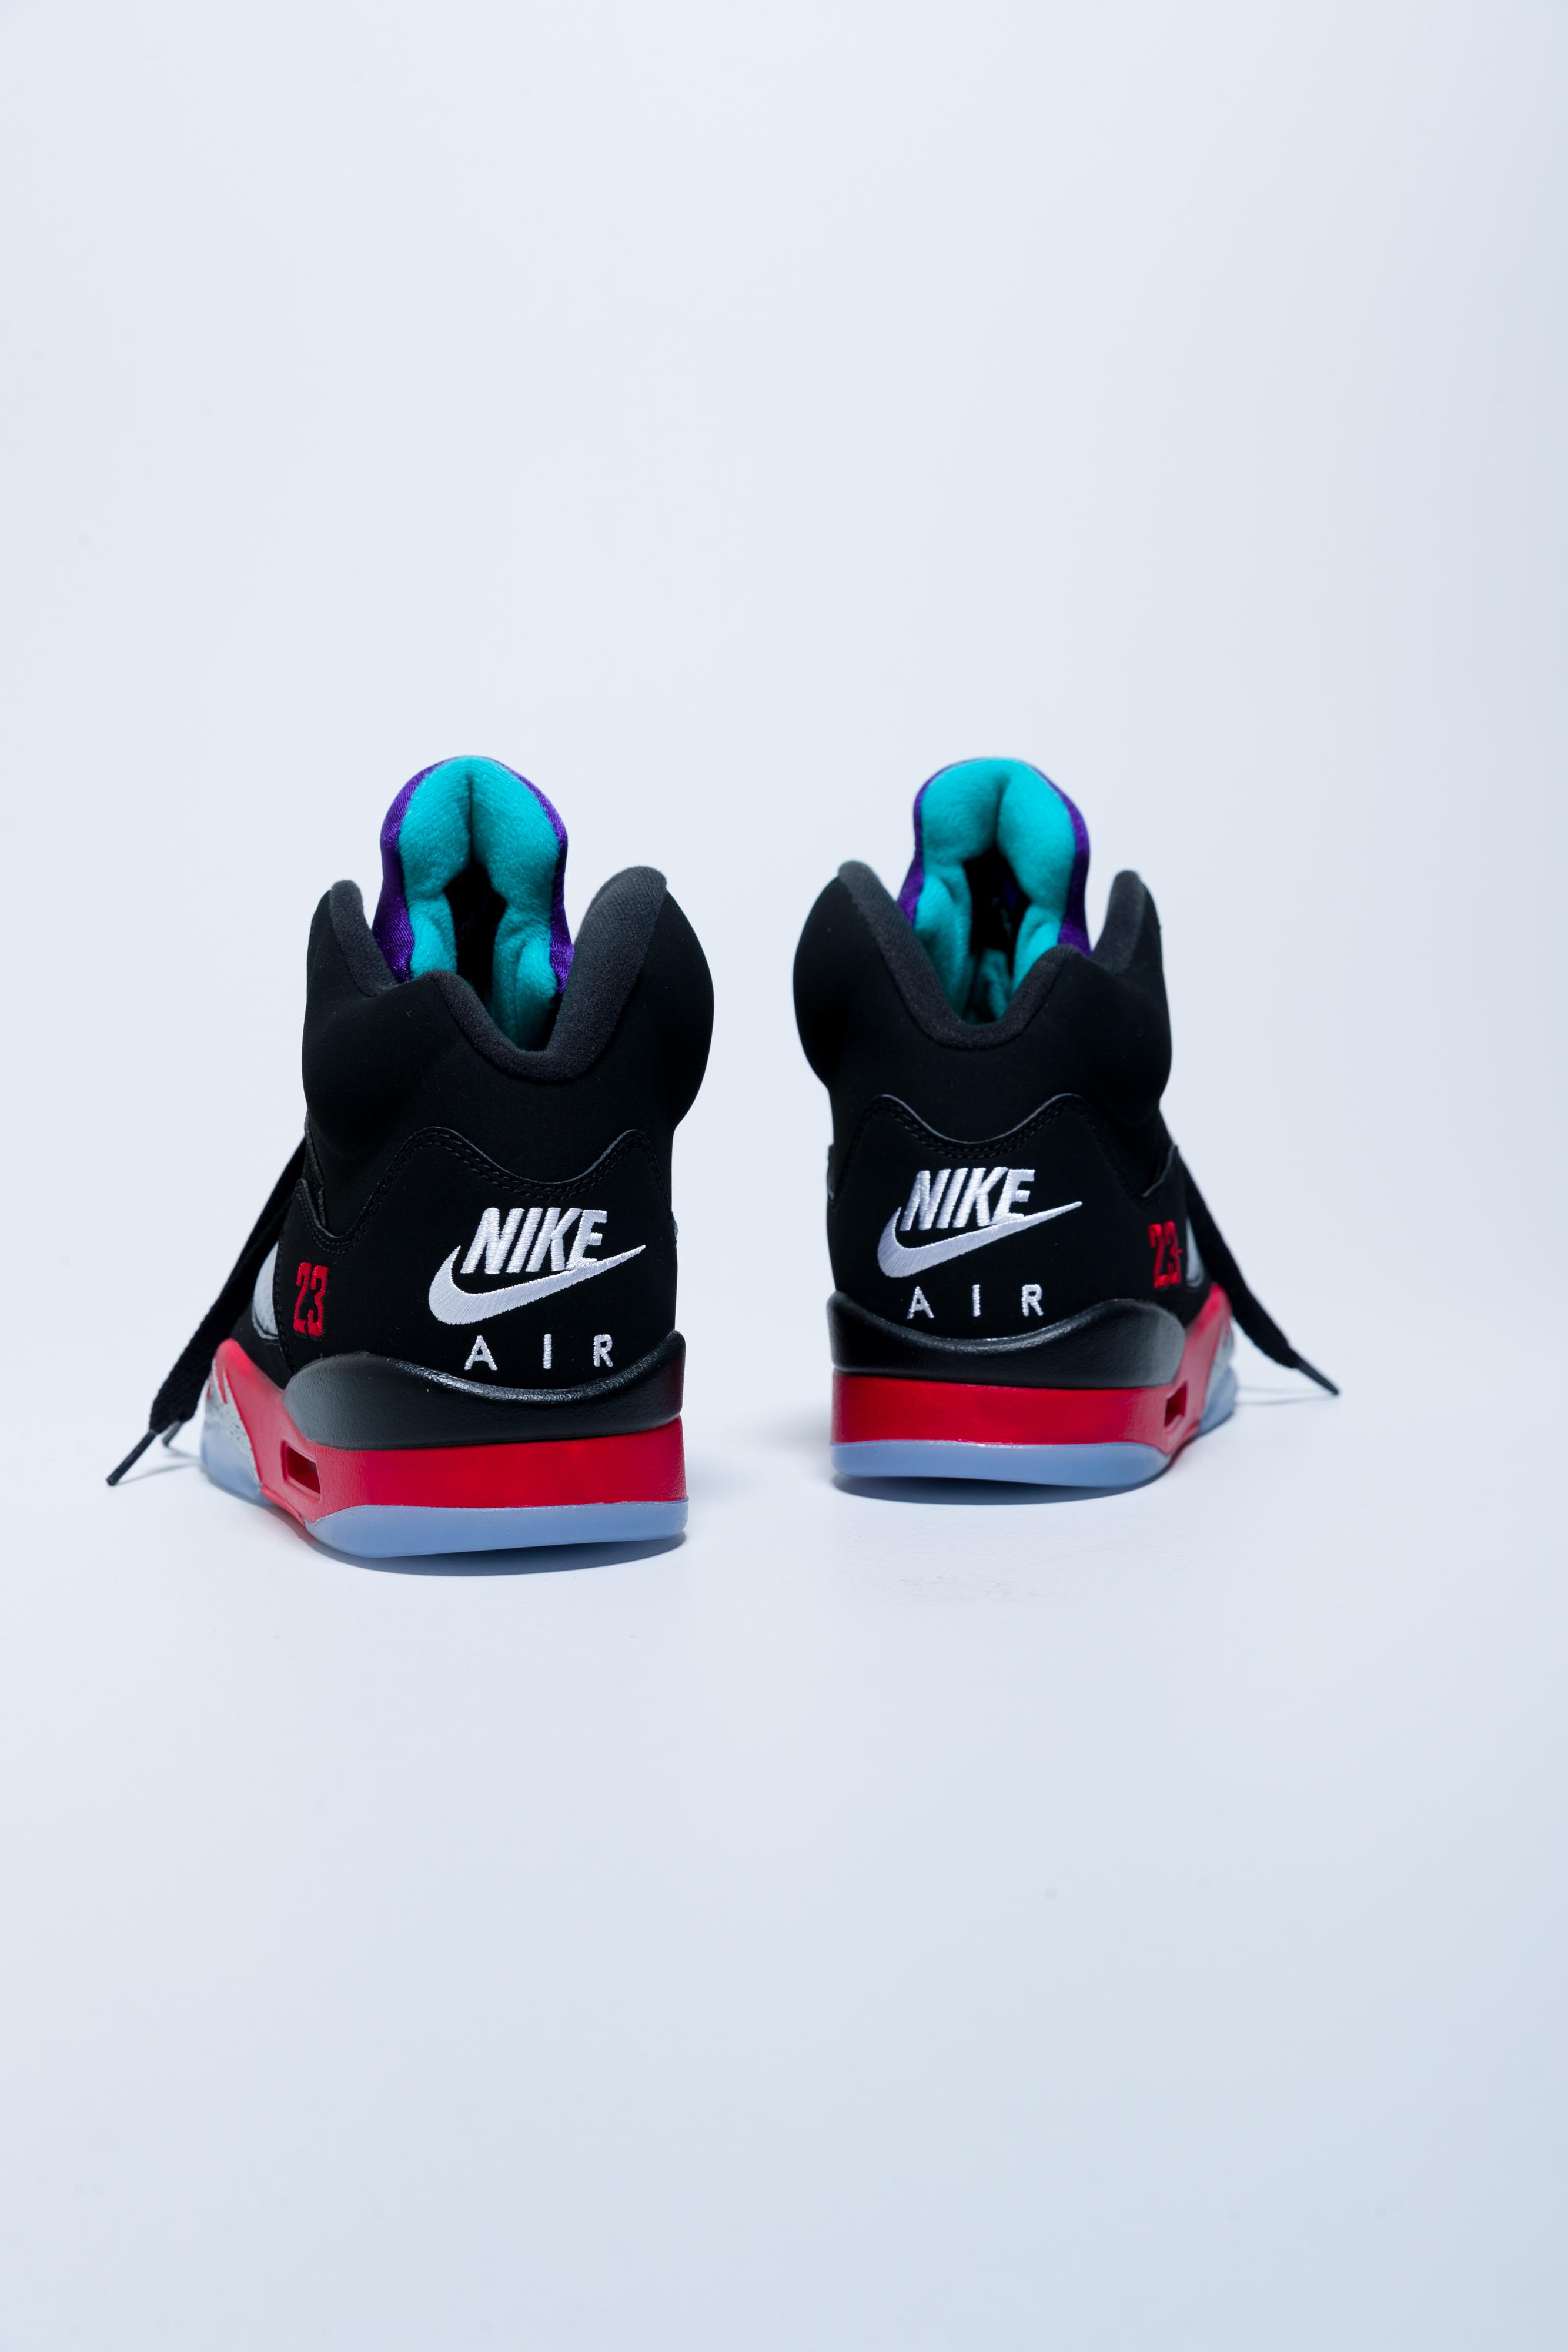 Nike Air Jordan 5 'Top 3'